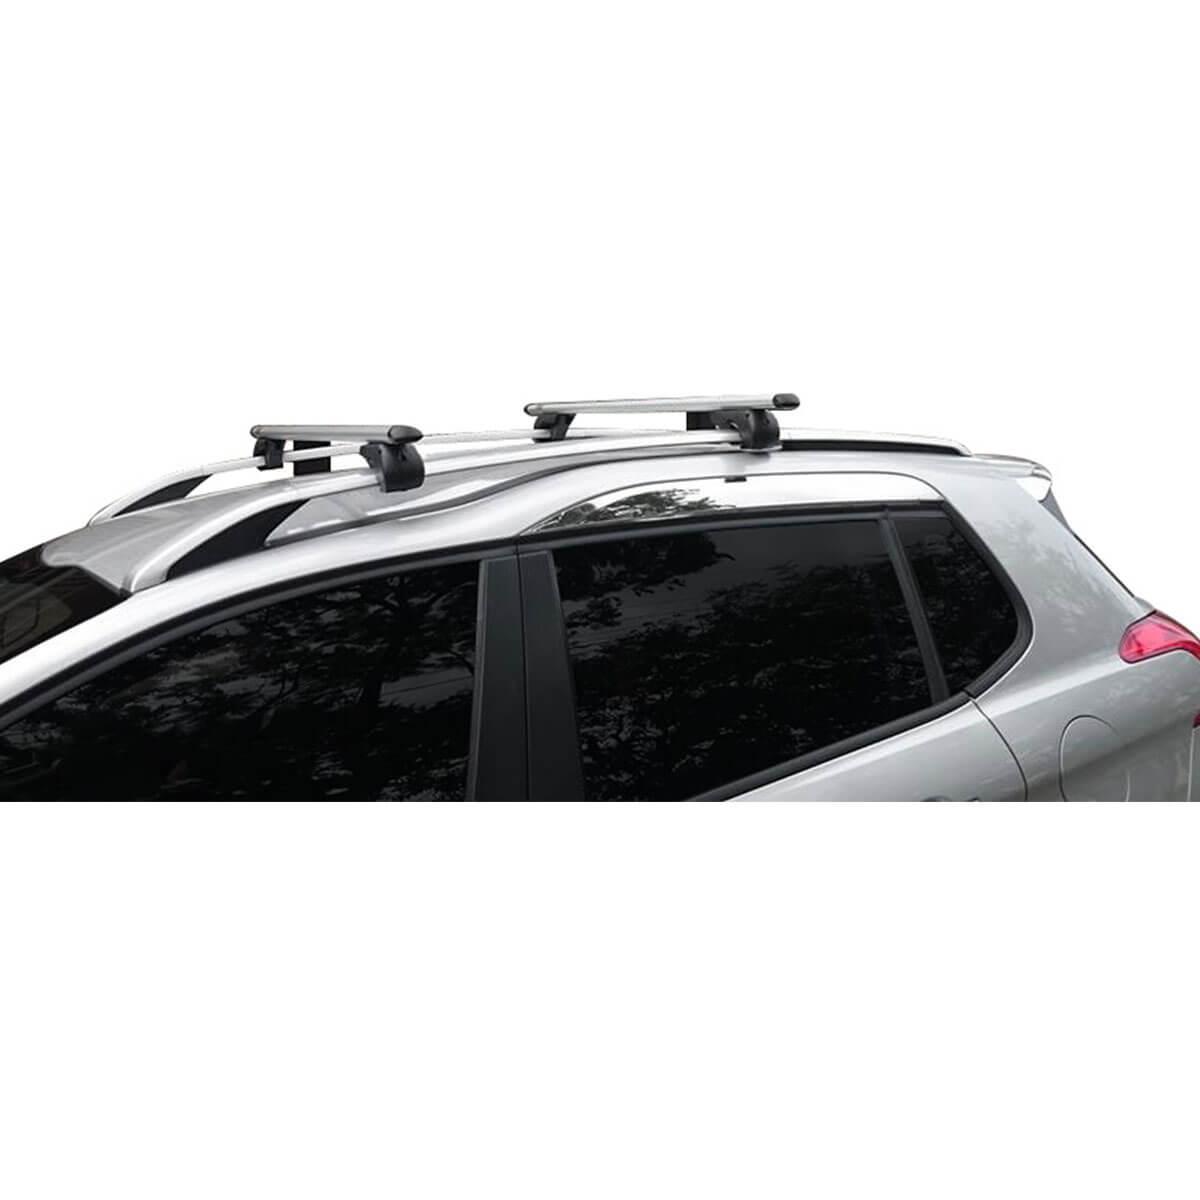 Travessa rack de teto Belluno Kiussi com chave Peugeot 2008 modelo 2016 a 2020